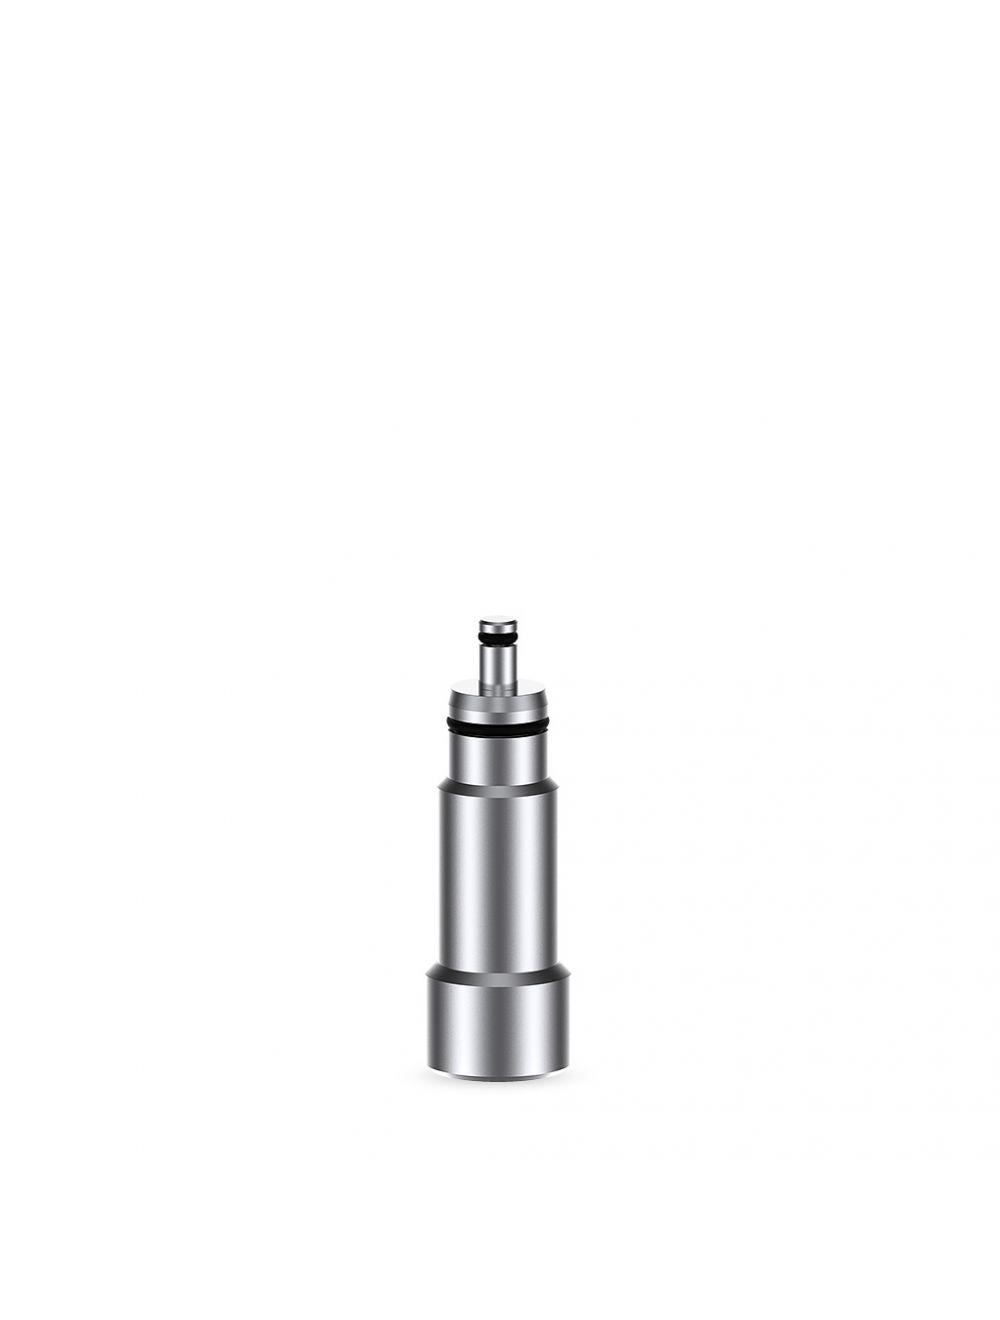 MK-dent Öl-Adapter LT1018 für W&H